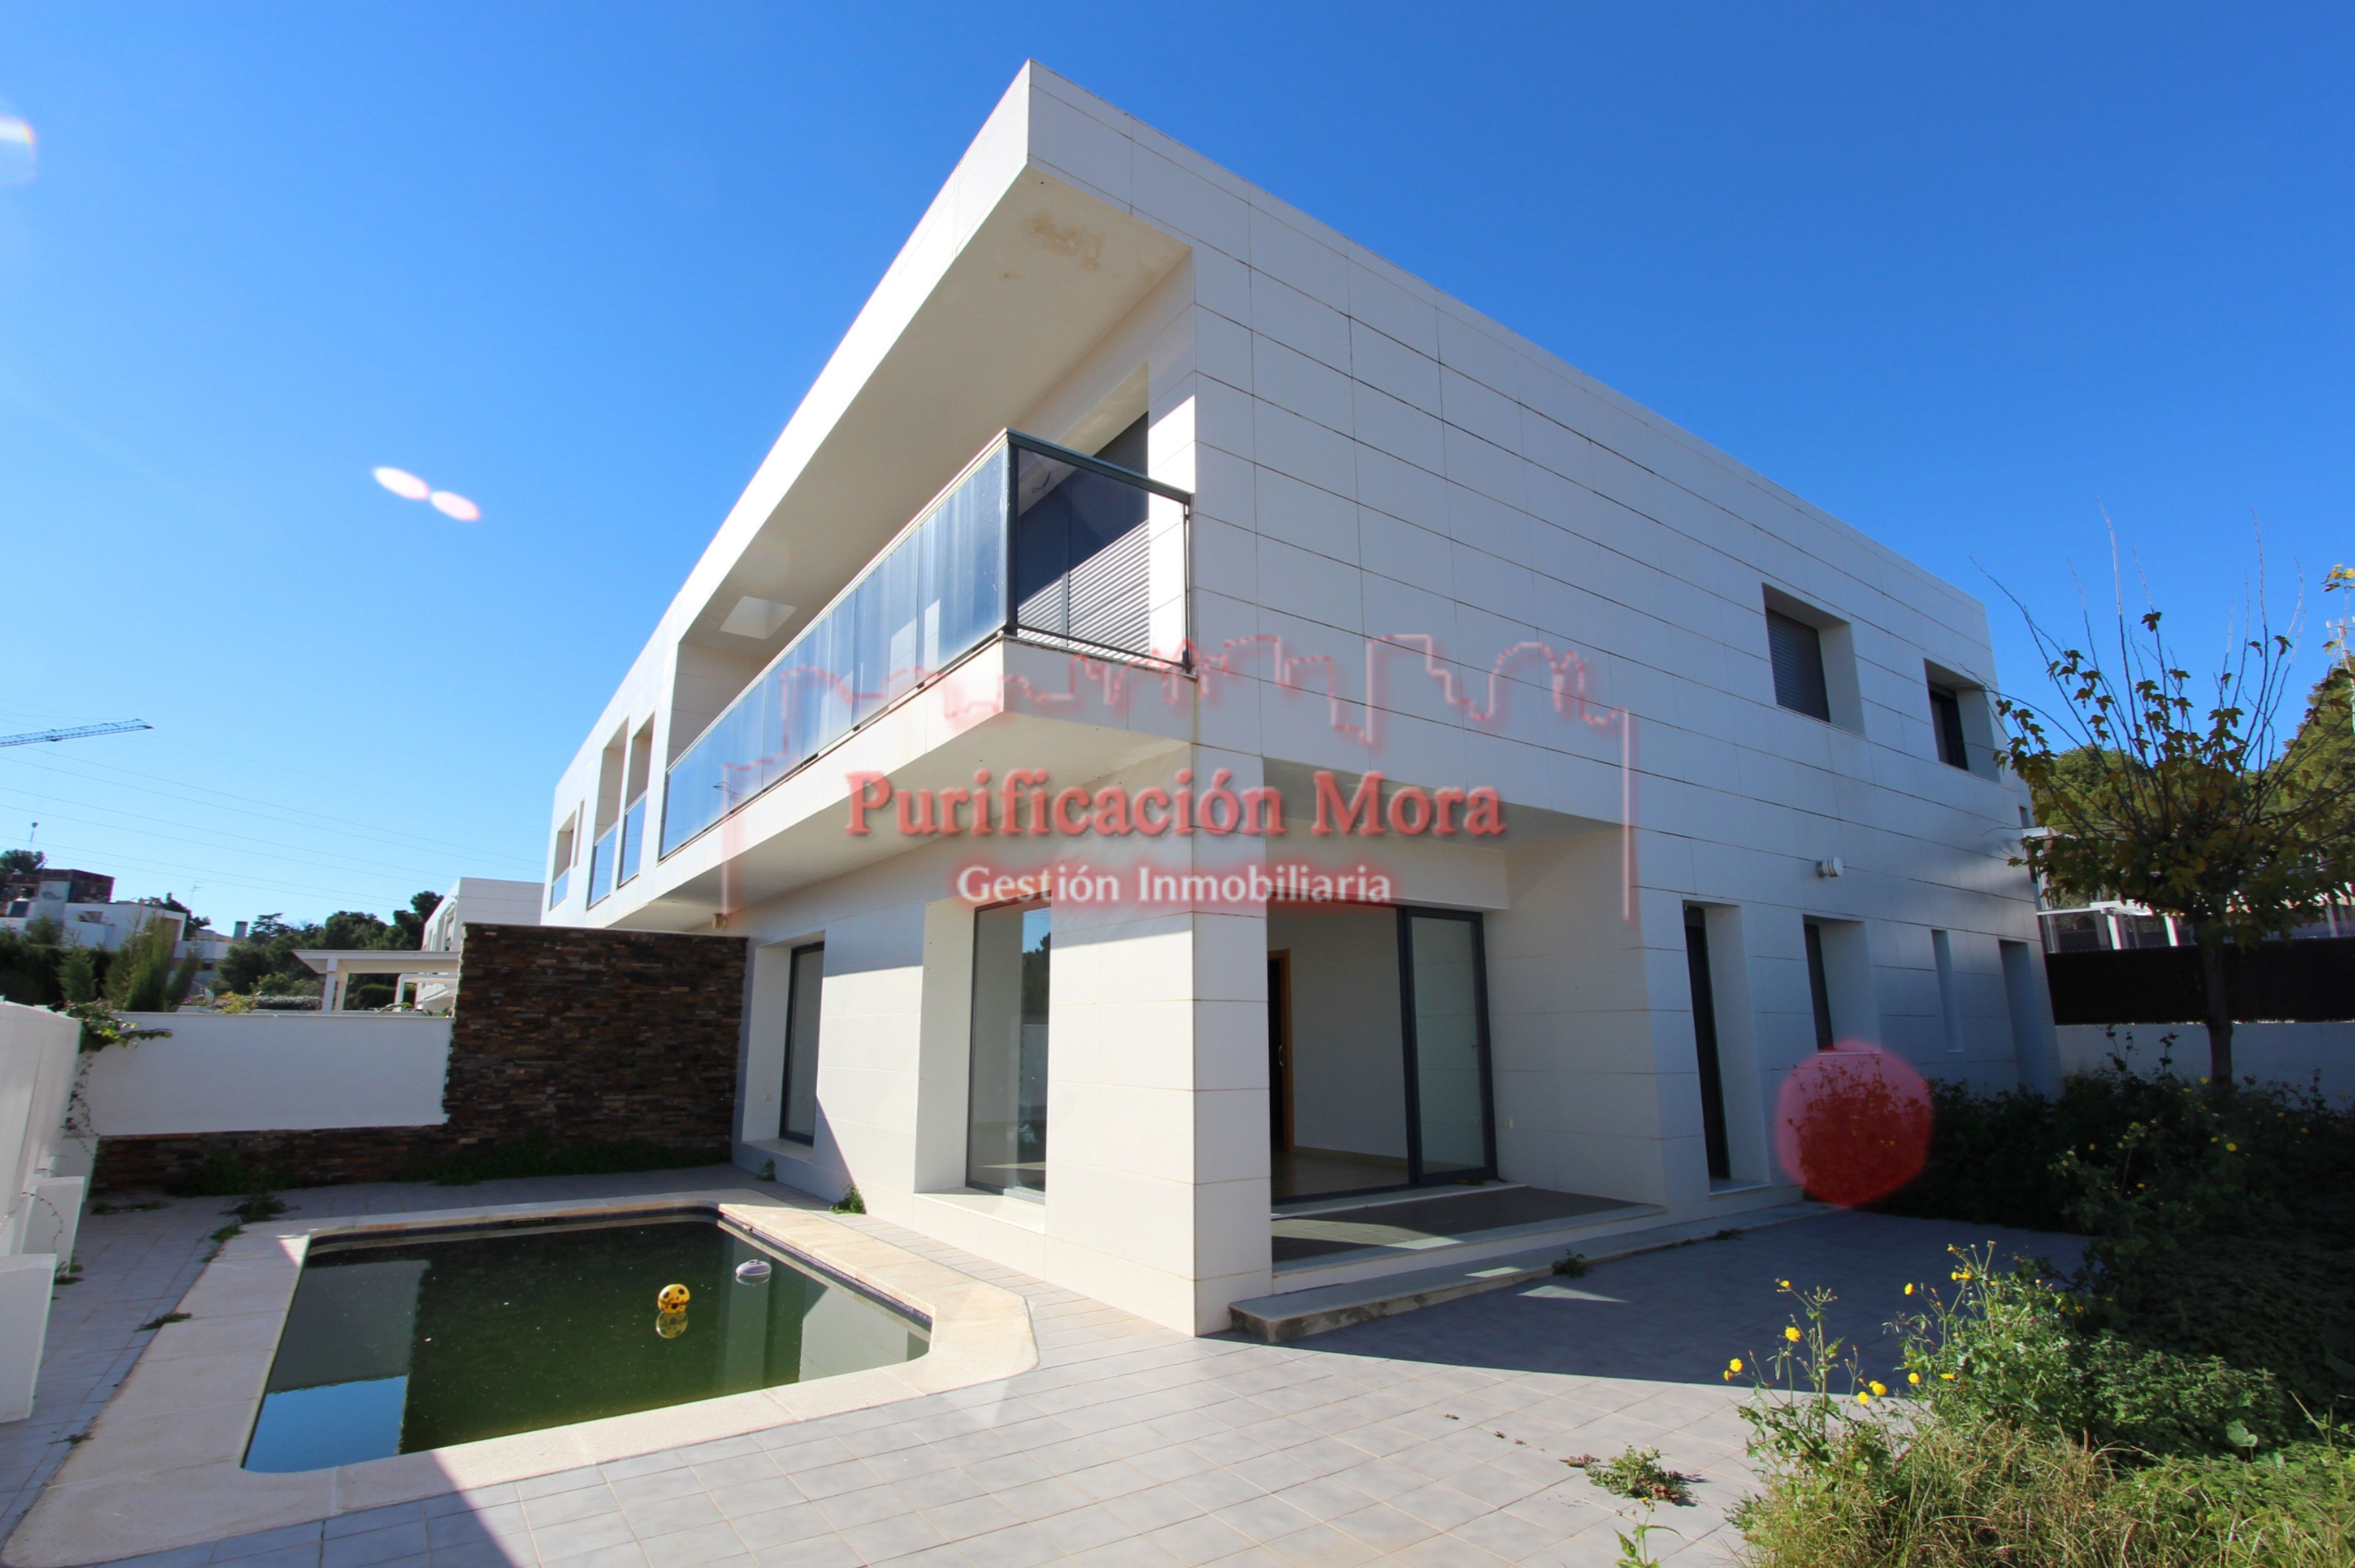 Inmuebles en régimen de venta: Inmuebles de Purificación Mora Gestión Inmobiliaria